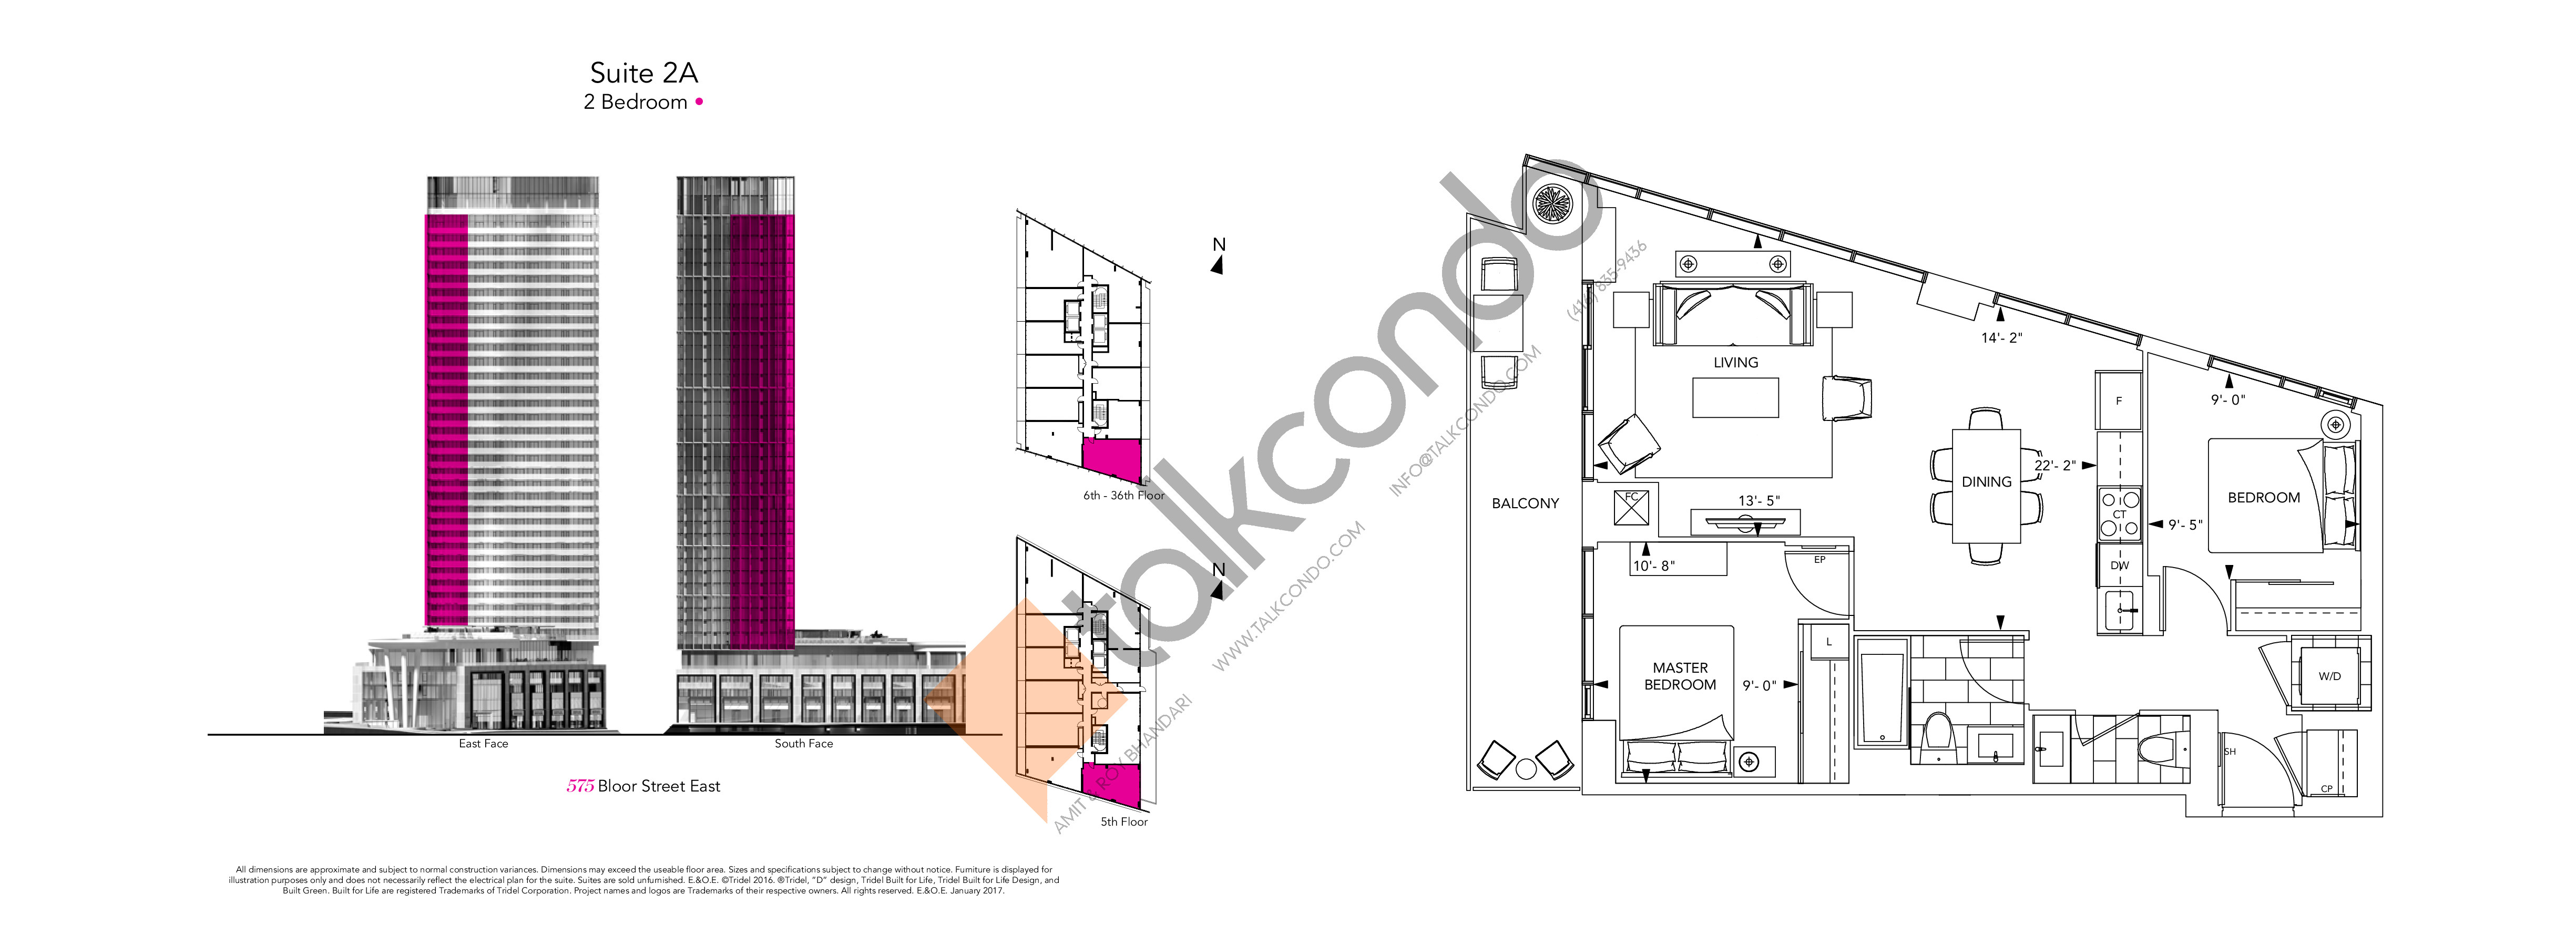 2A Floor Plan at Via Bloor Condos - 777 sq.ft